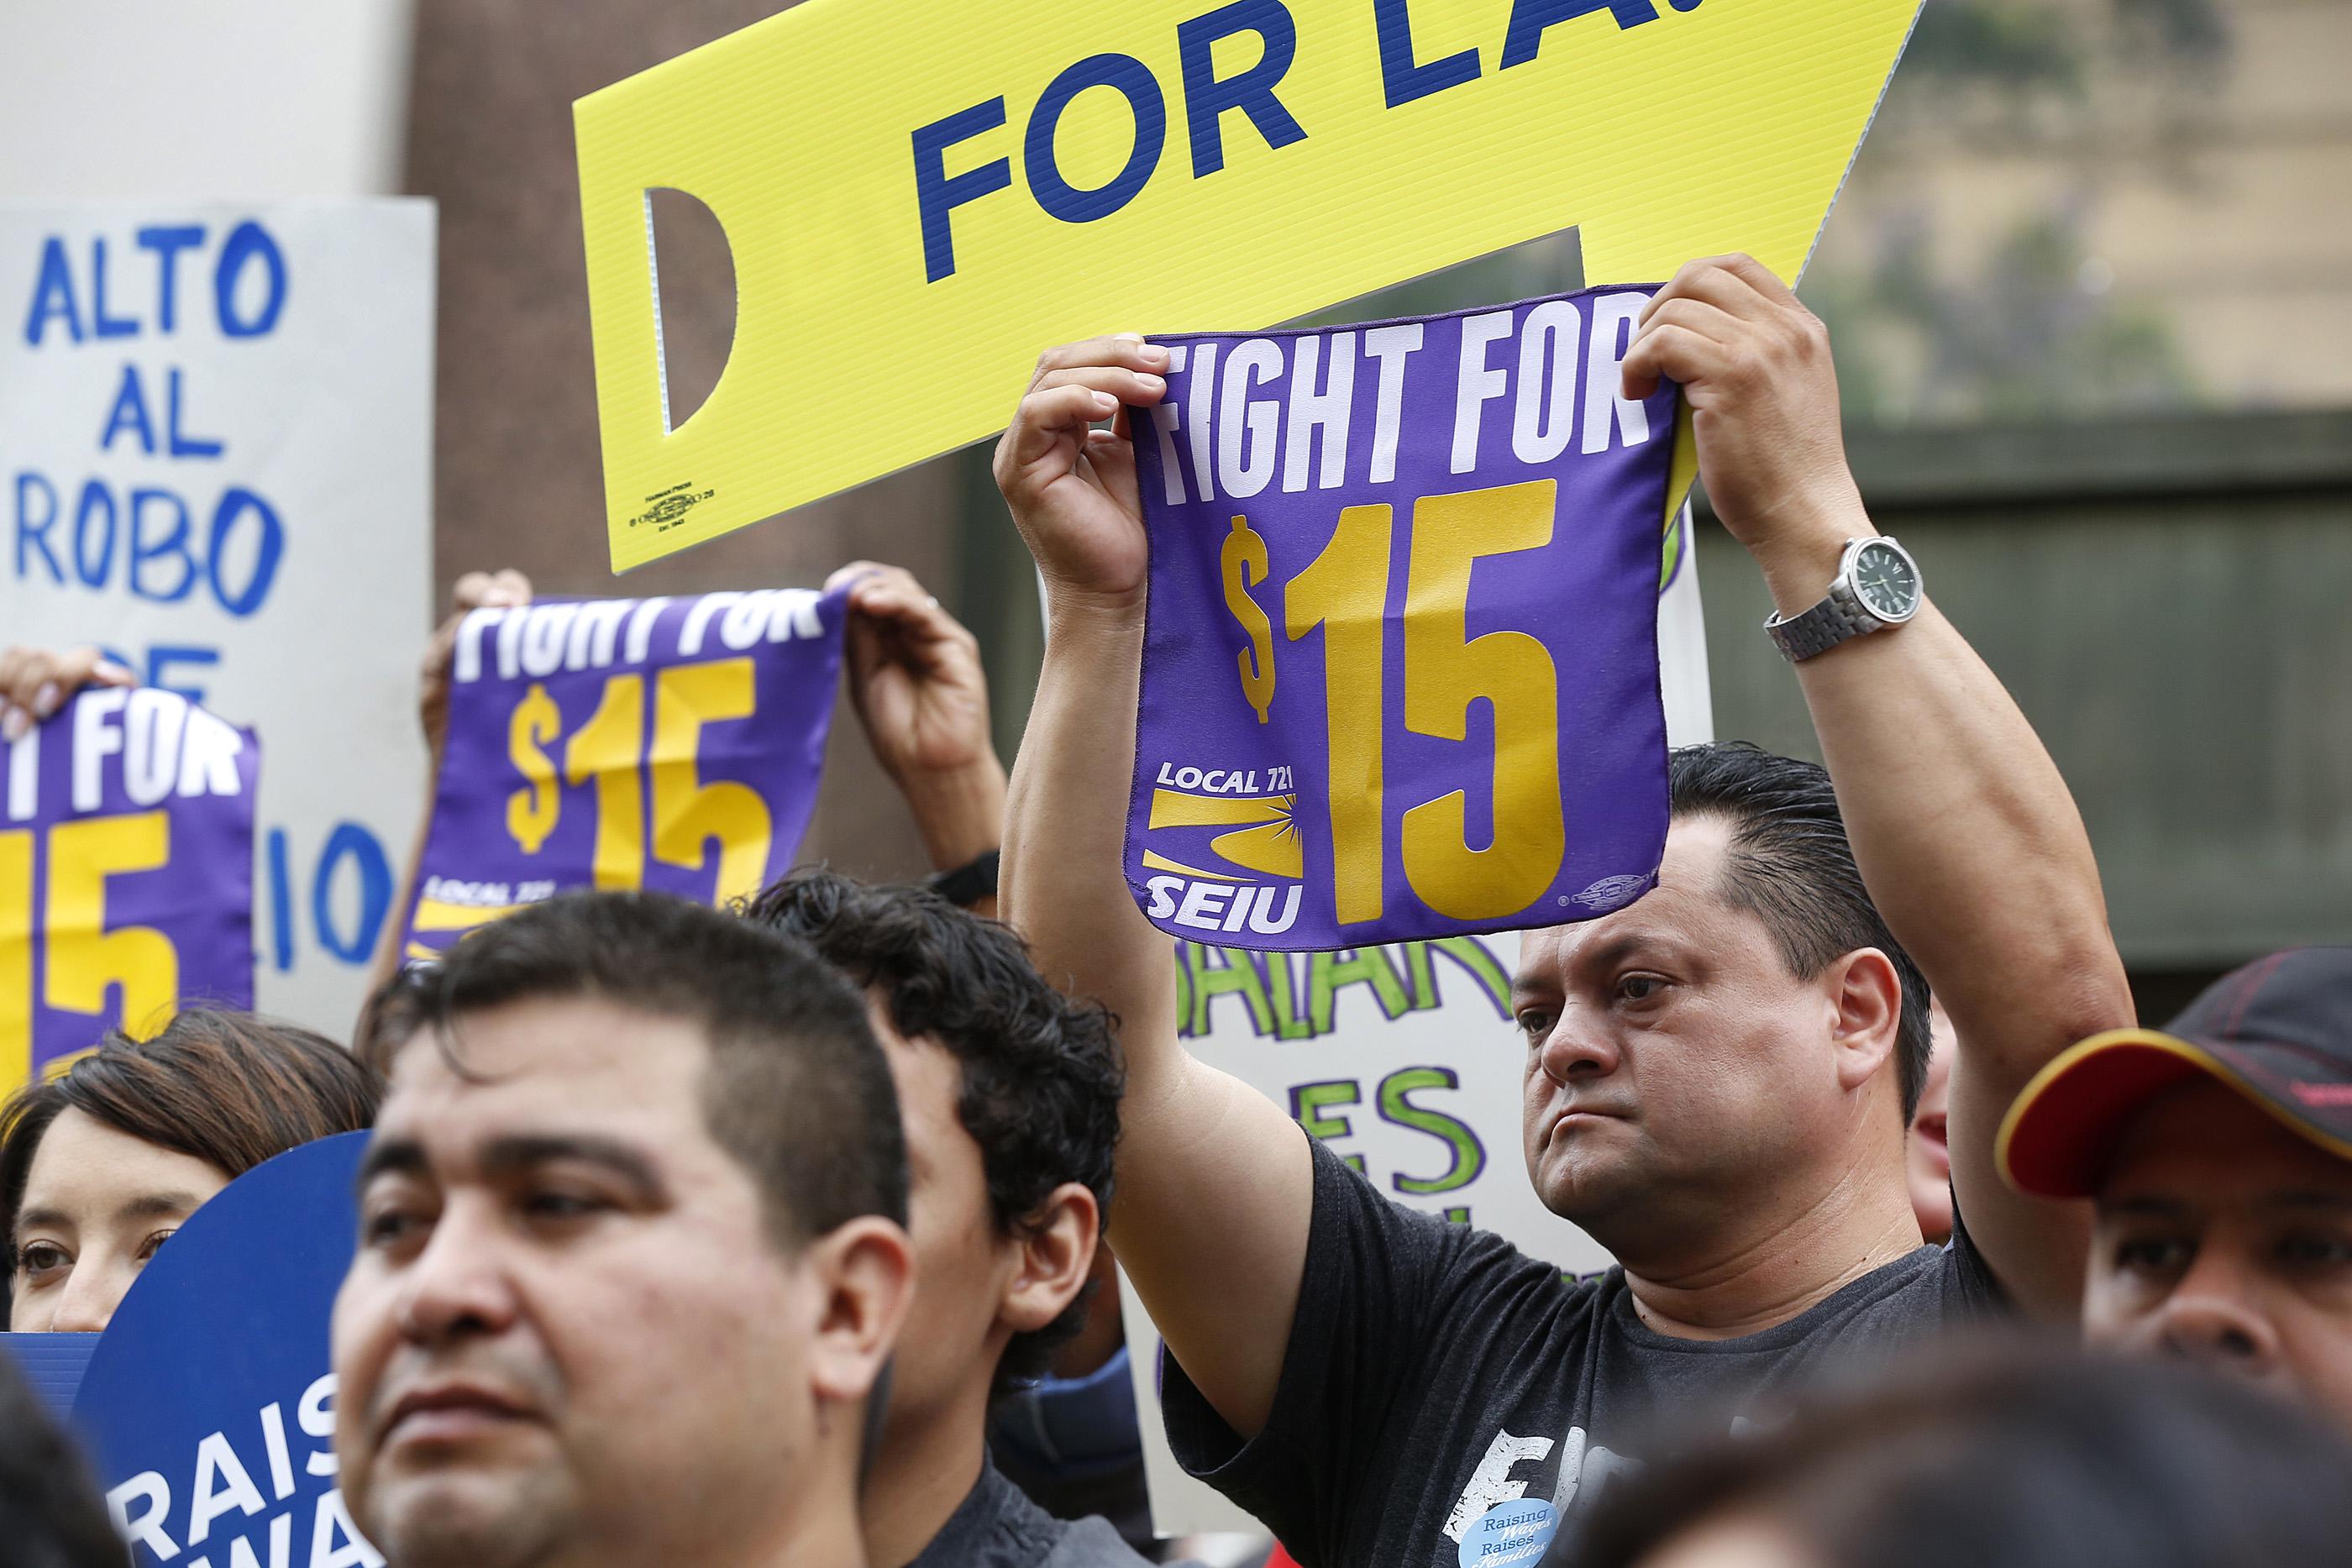 La lucha por los $15 como mínimo se ha abierto el camino pero no en todo el país. /Aurelia Ventura